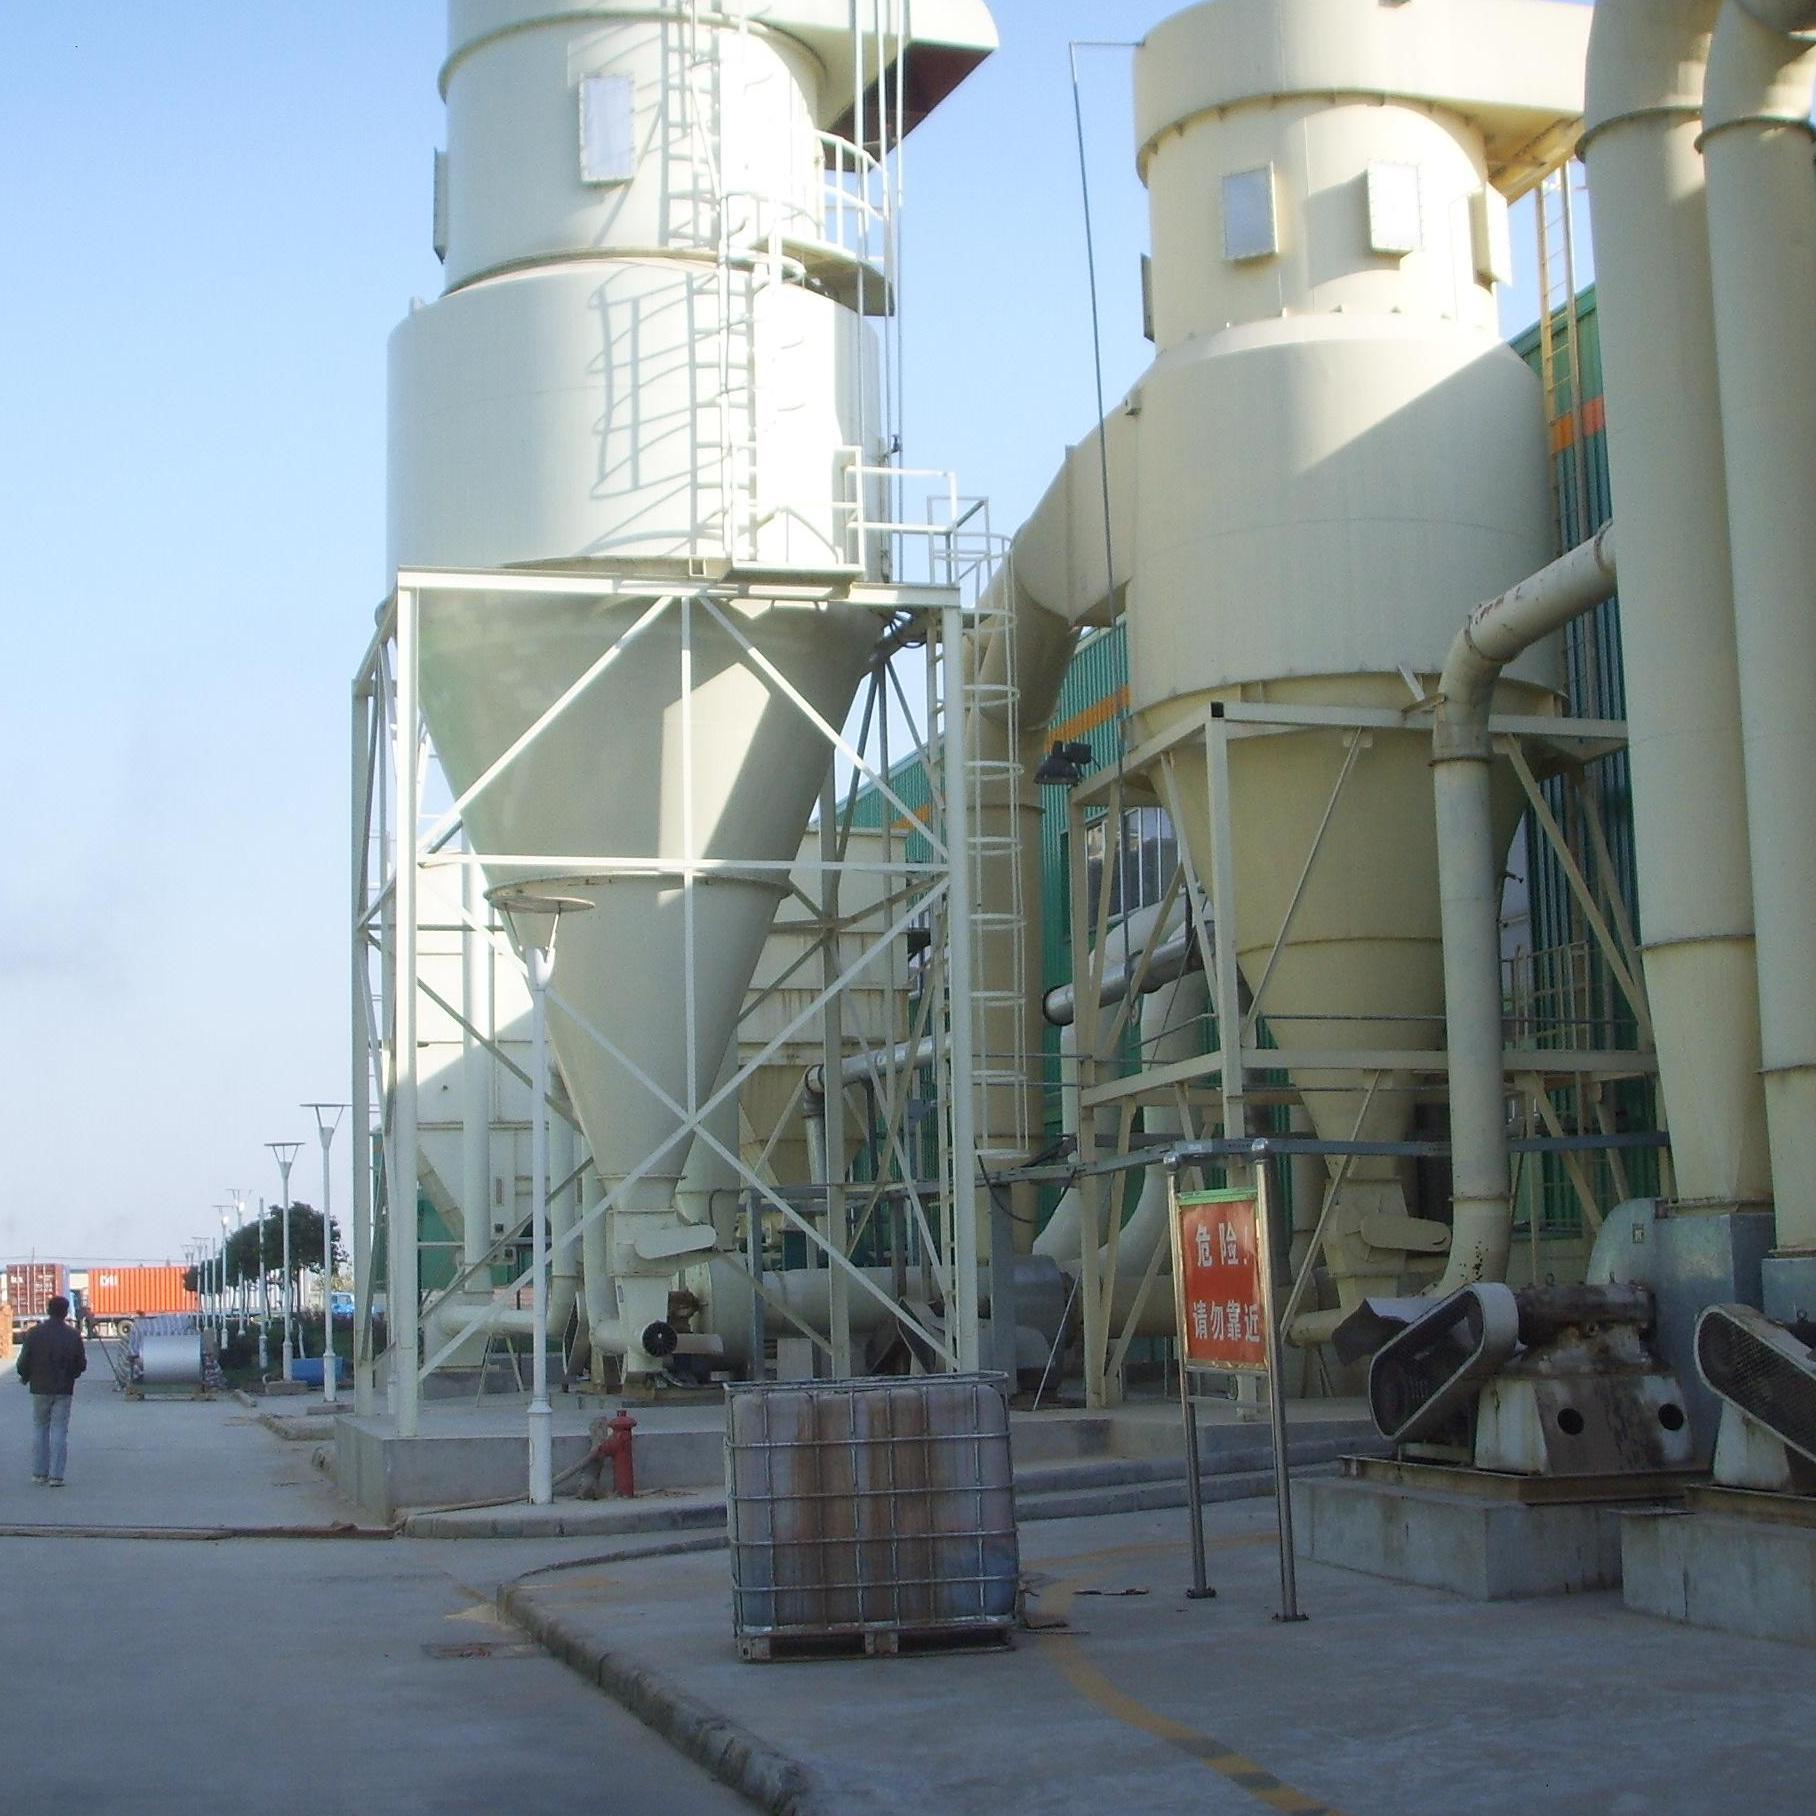 旋风除尘器 圆筒形旋风除尘器 高效旋风式除尘器厂家现货供应